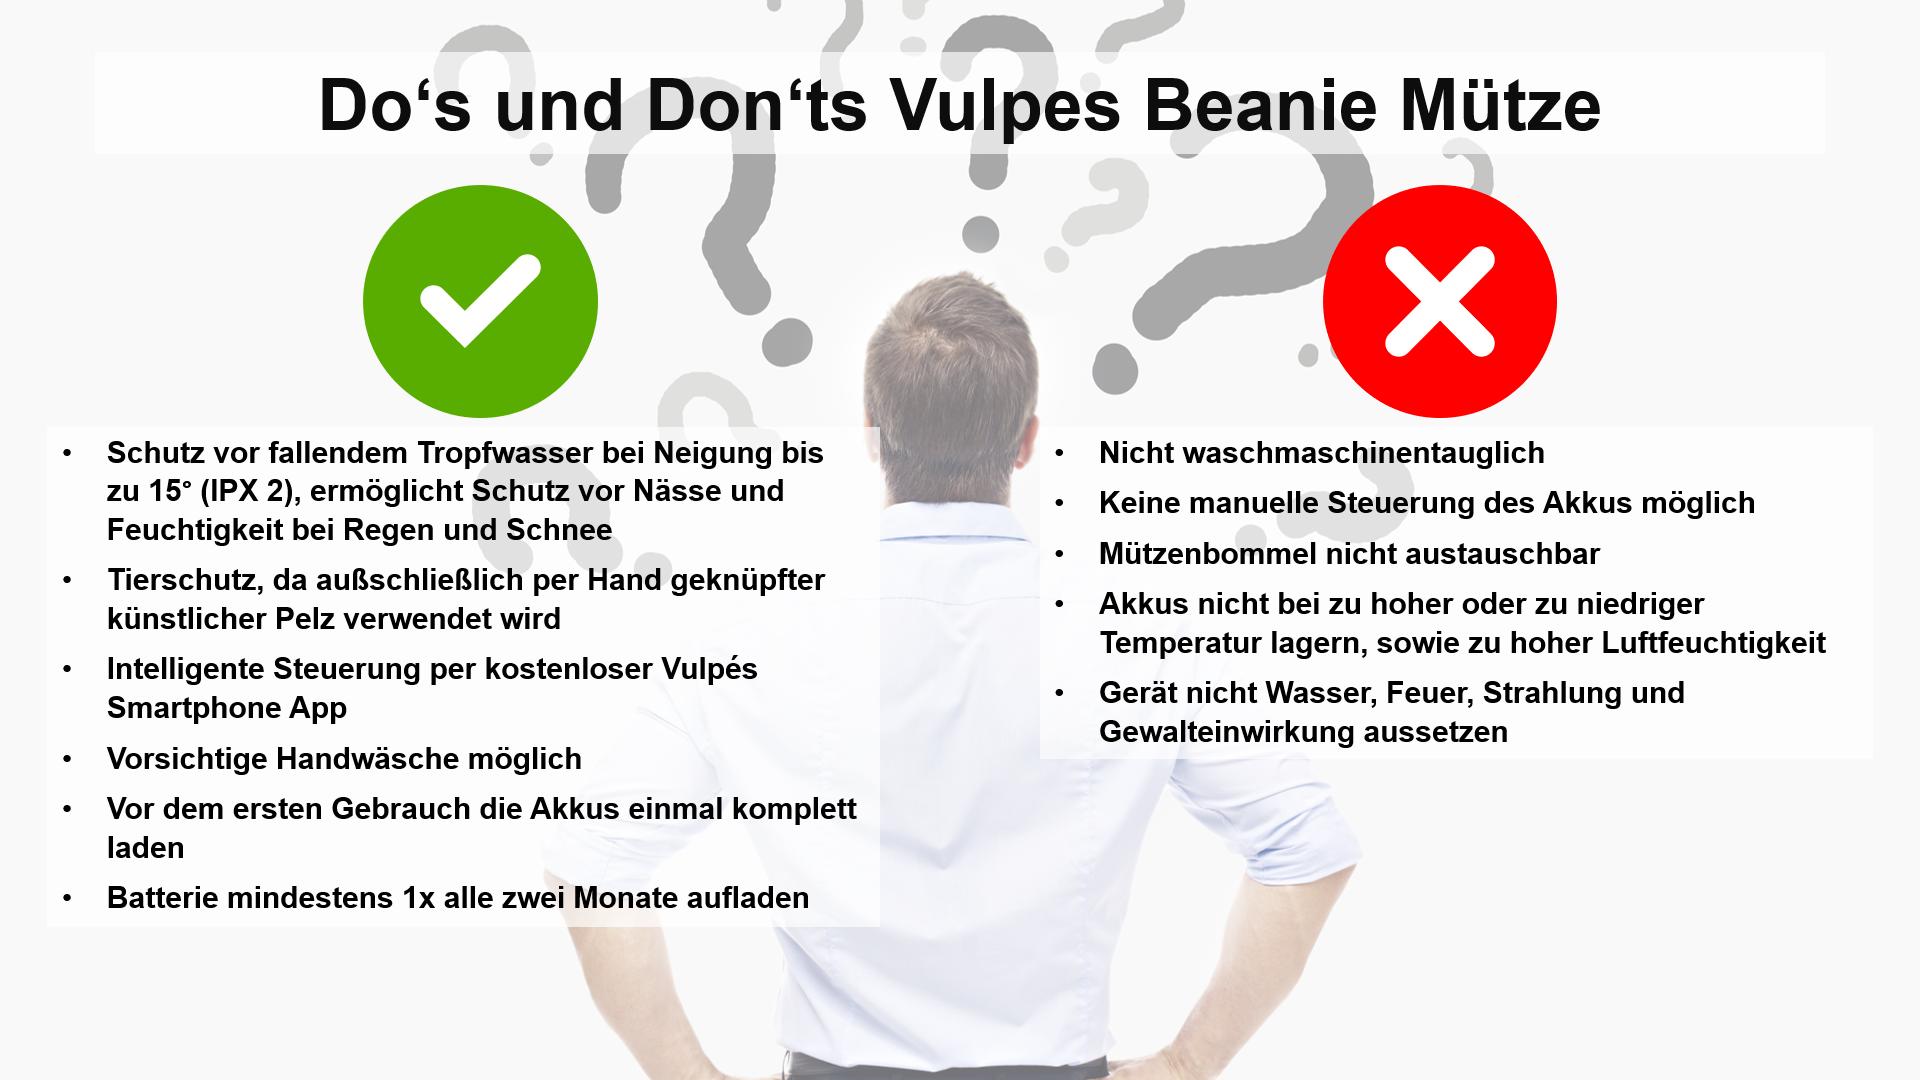 Do's und Don'ts Vulpes Beanie Mütze